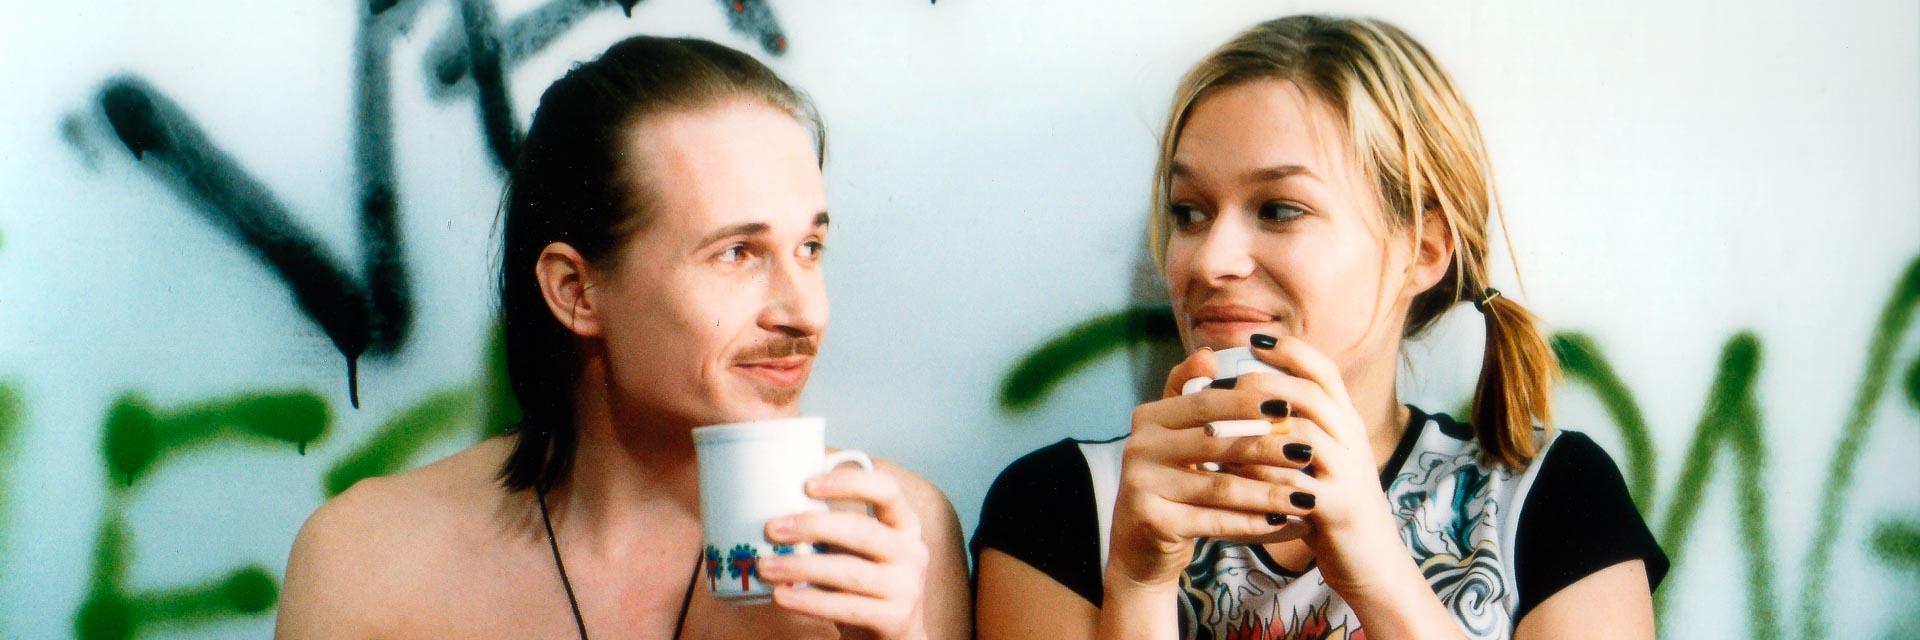 Franka Potente und Teemu Aromaa in dem Film Downhill City von Hannu Salonen